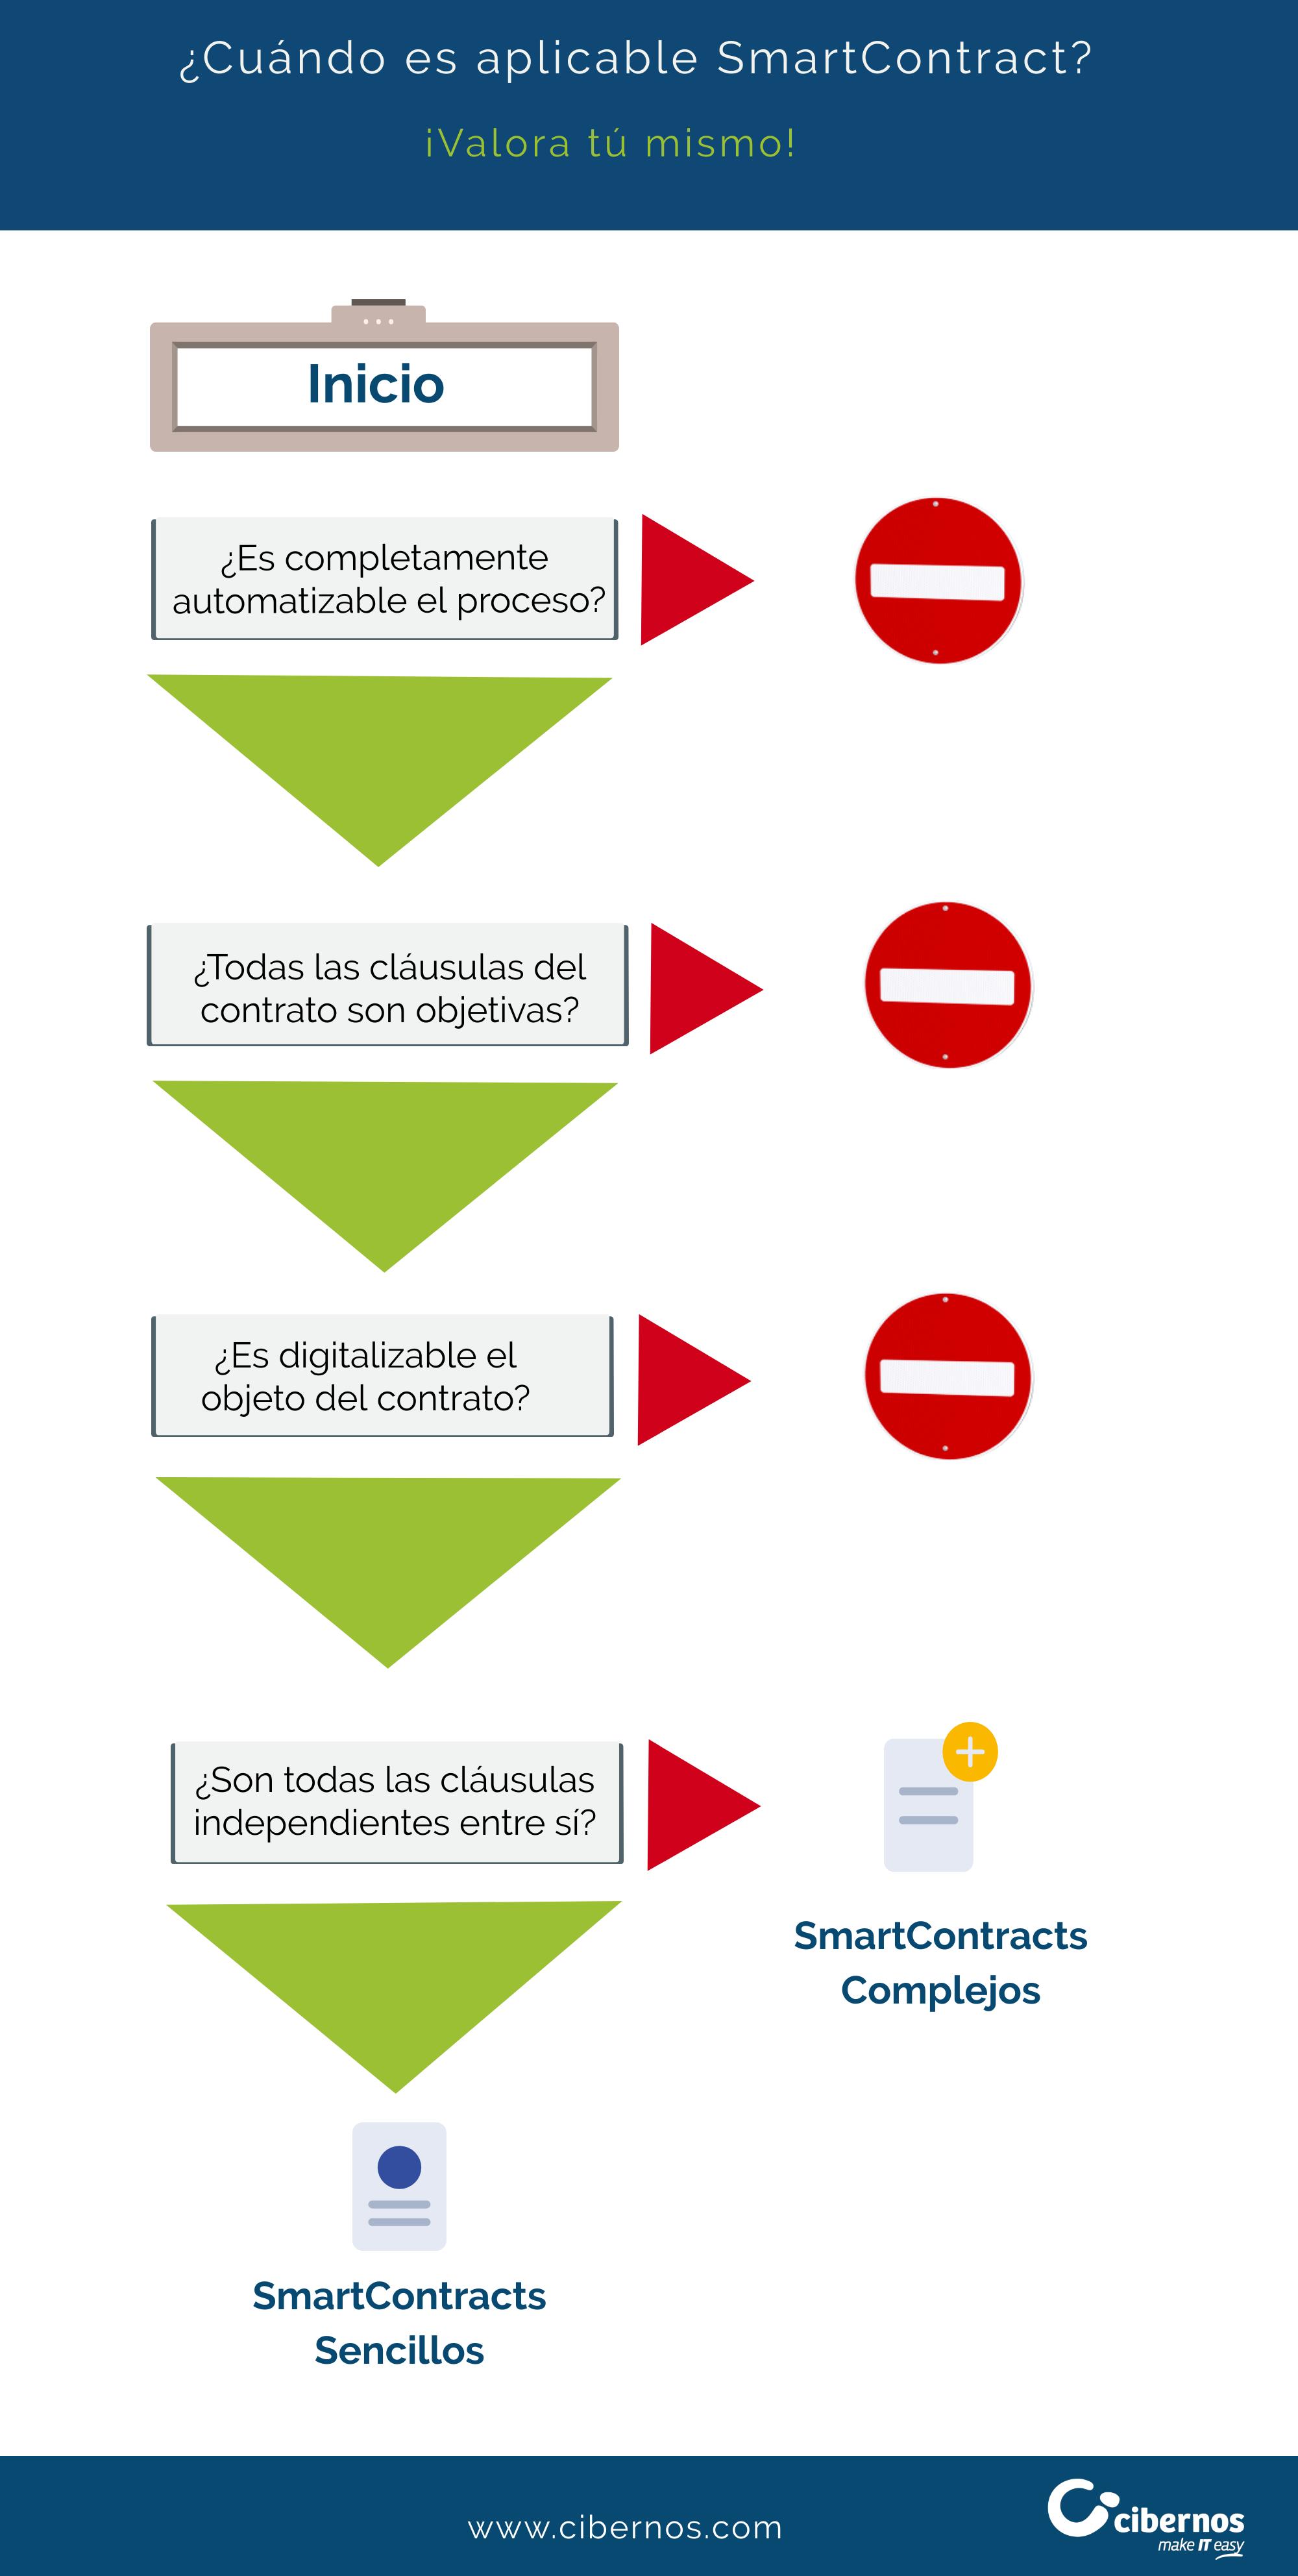 Infografía SmartContracts Cibernos (2)